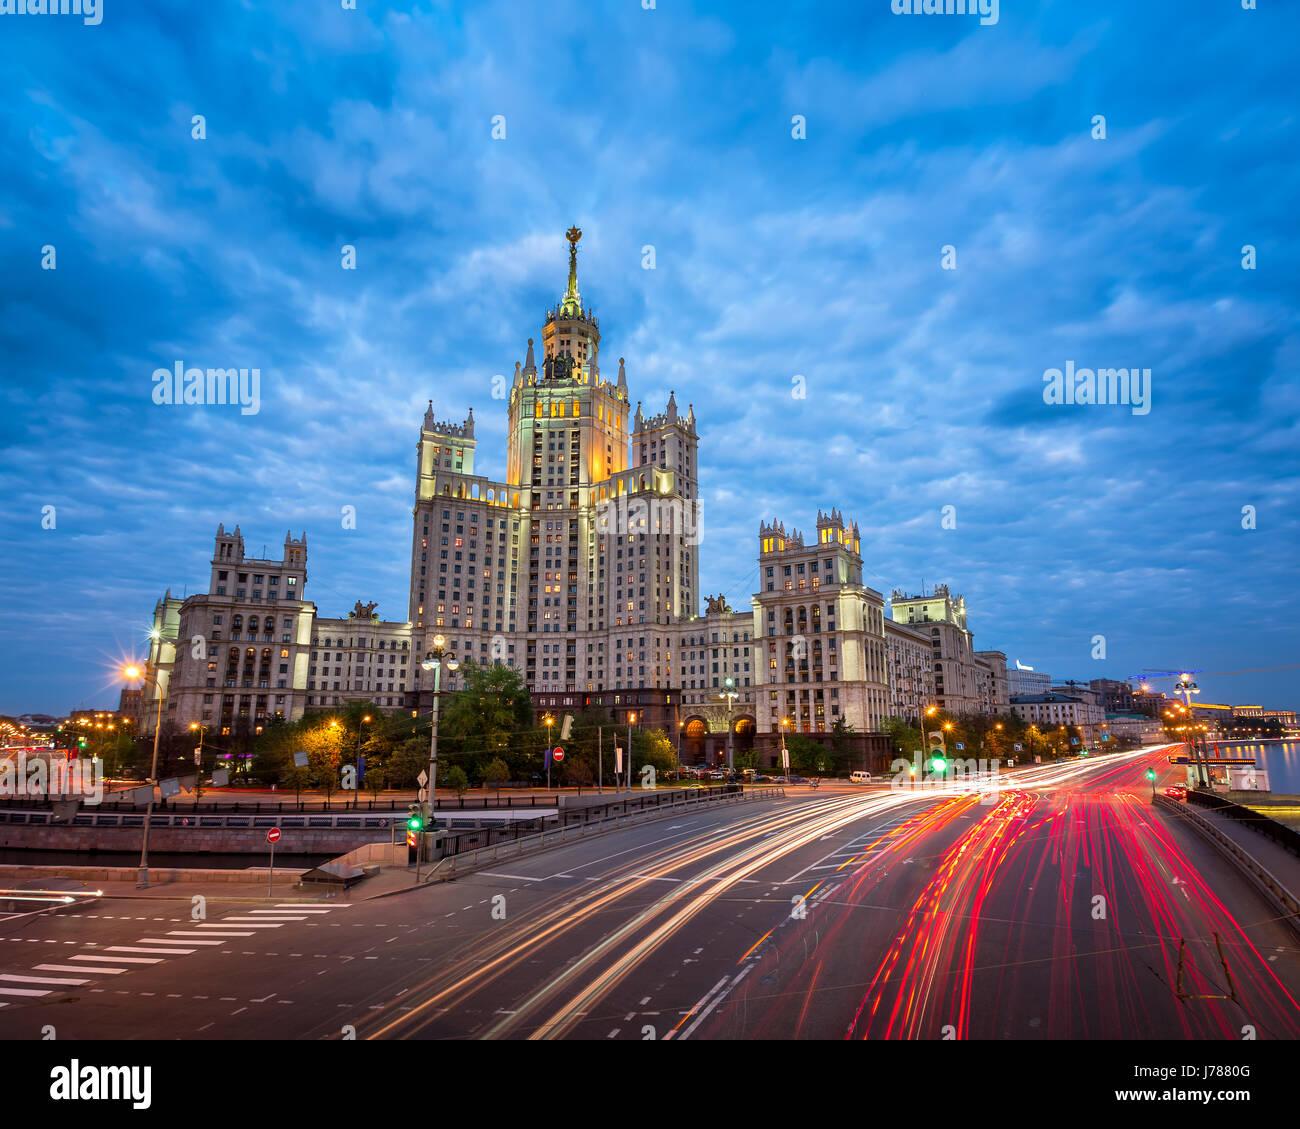 Kotelnicheskaya Damm Building, eines der sieben Schwestern von Moskau am Abend, Moskau, Russland Stockfoto